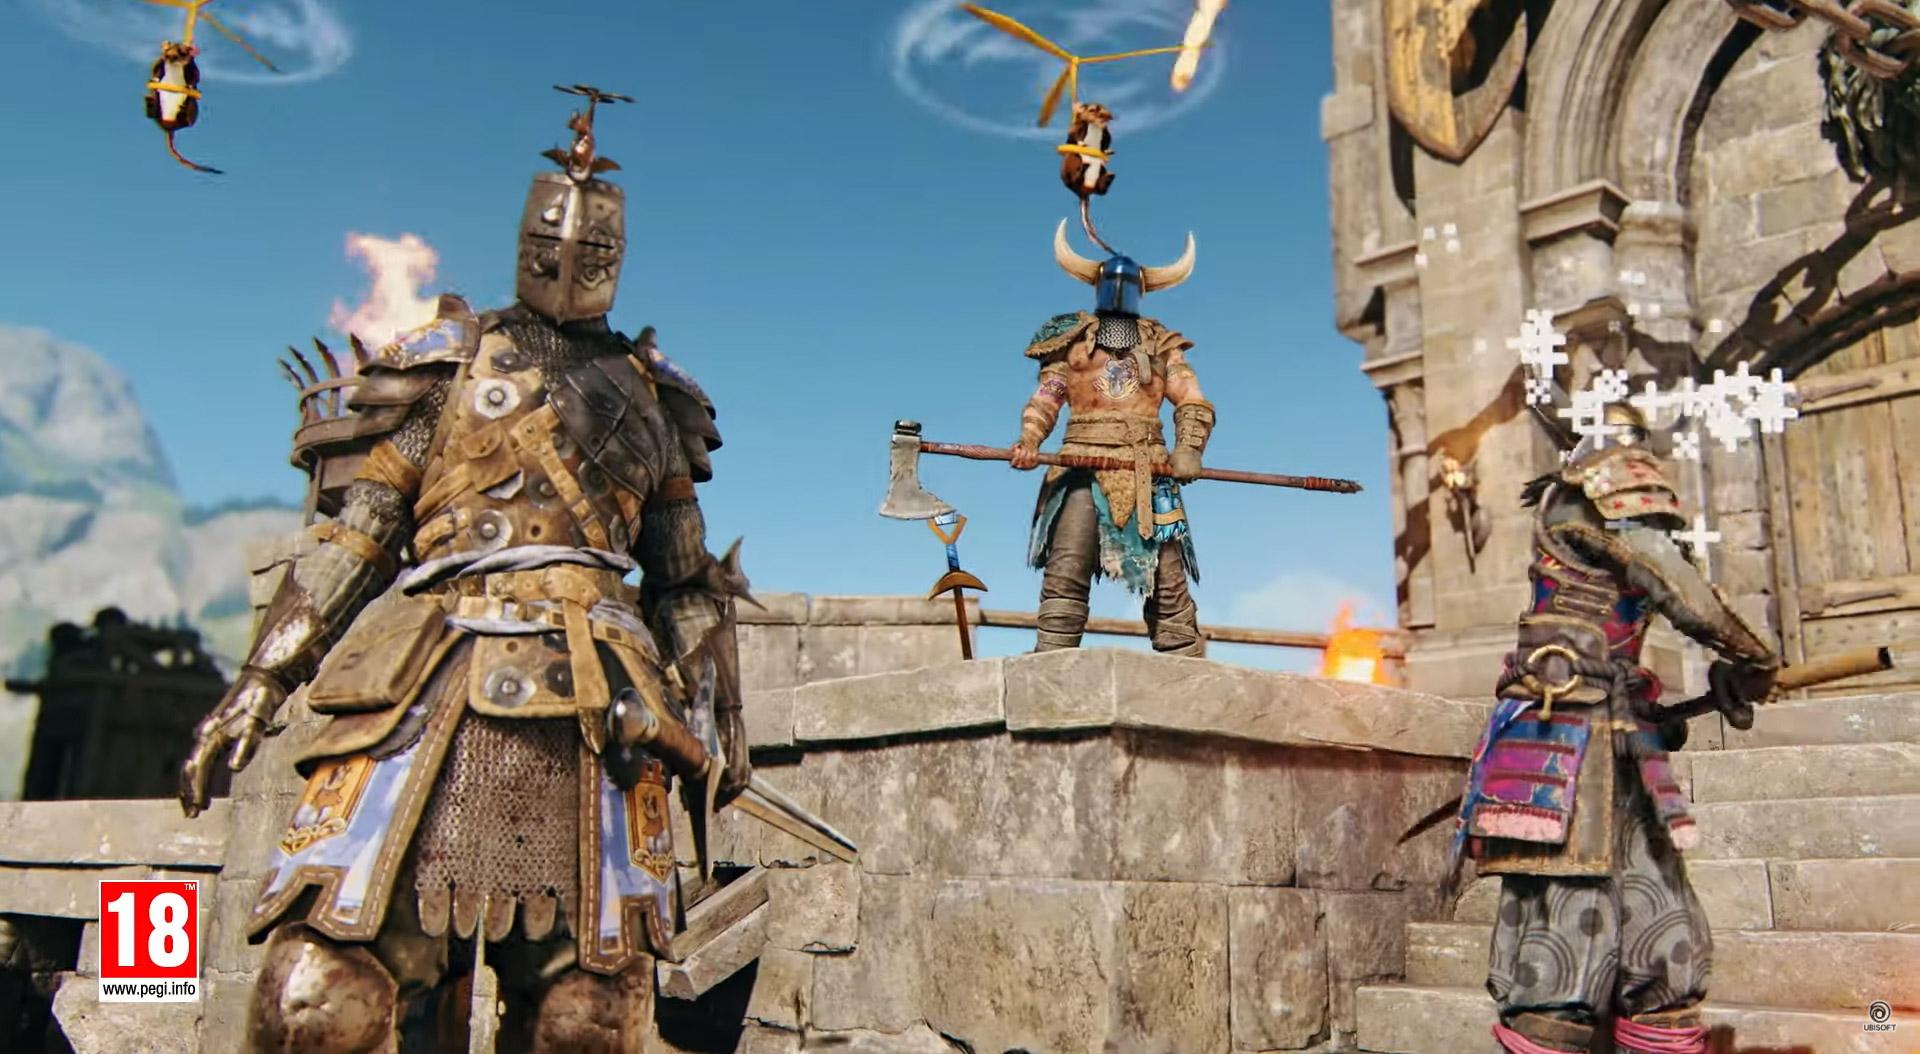 For Honor riceverà un crossover con Shovel Knight per inaugurare l'Anno 5